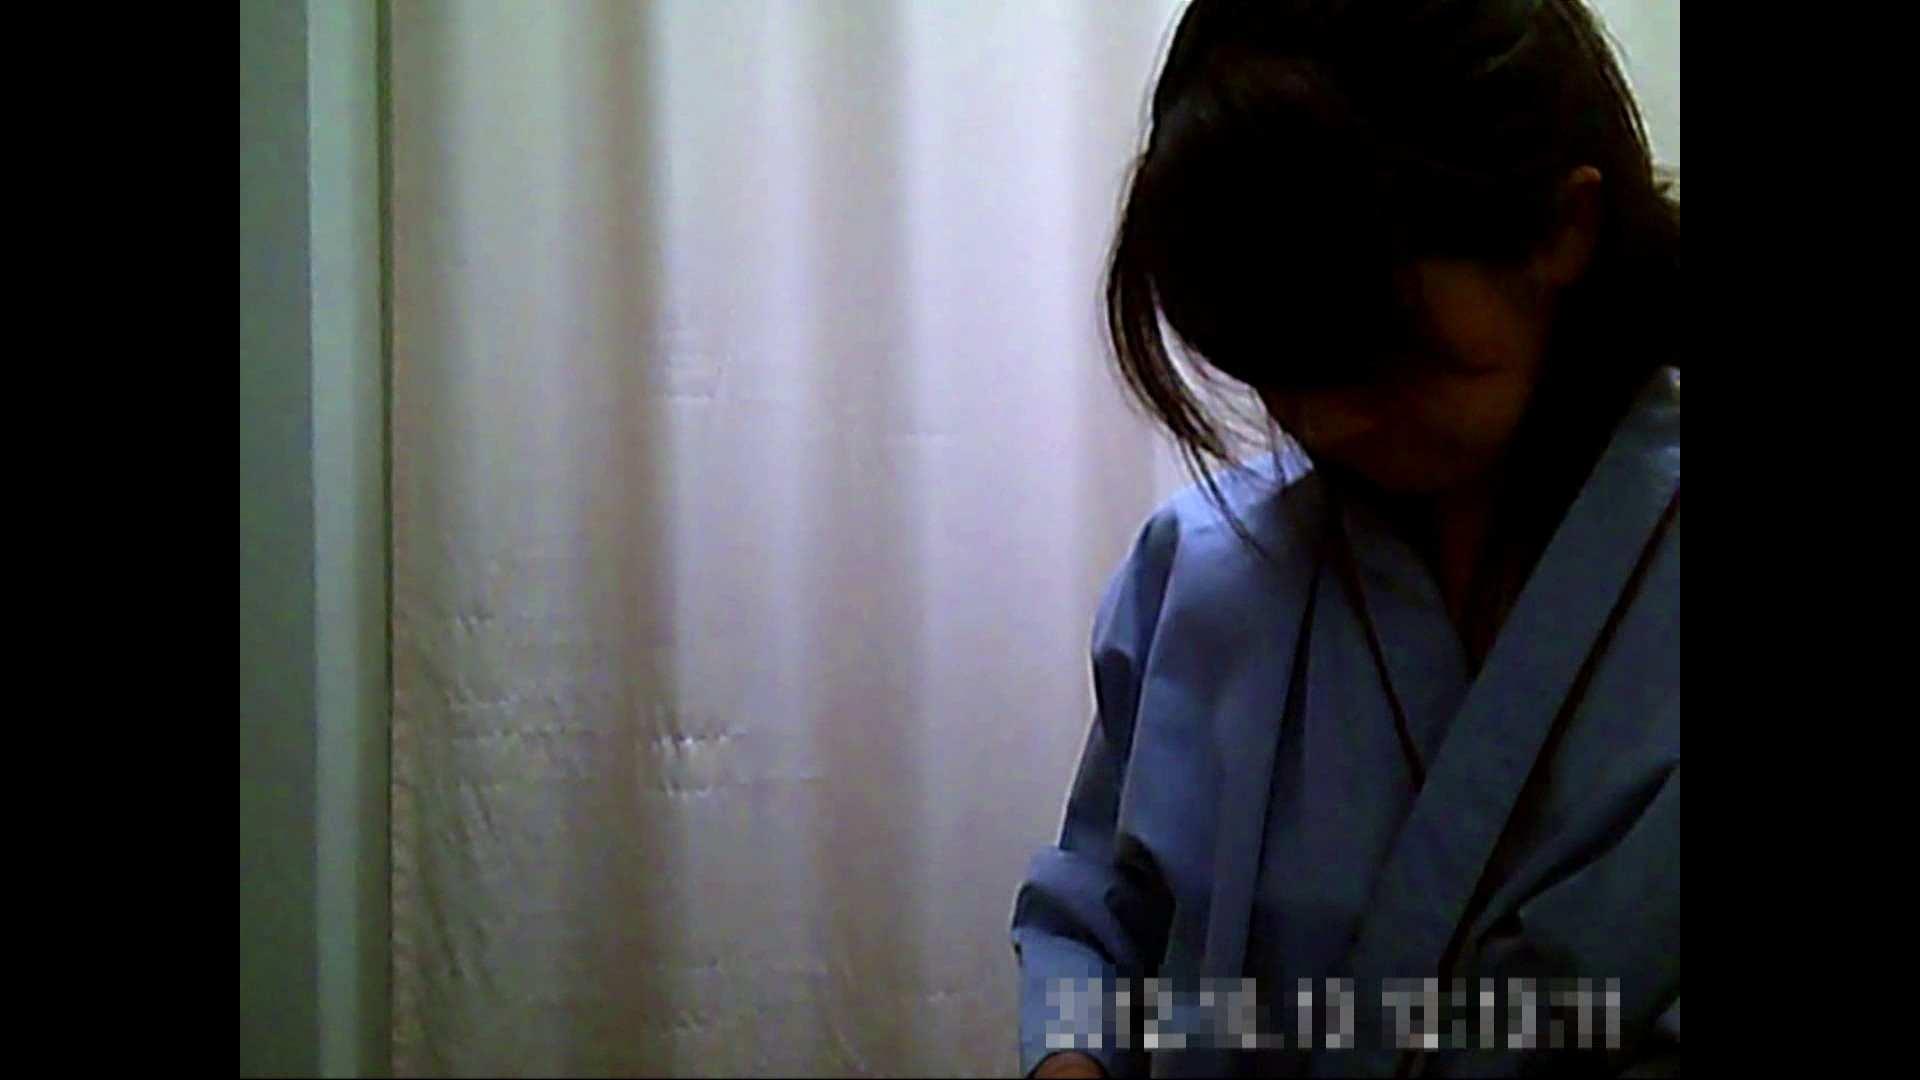 病院おもいっきり着替え! vol.237 乳首 隠し撮りオマンコ動画紹介 71PIX 40